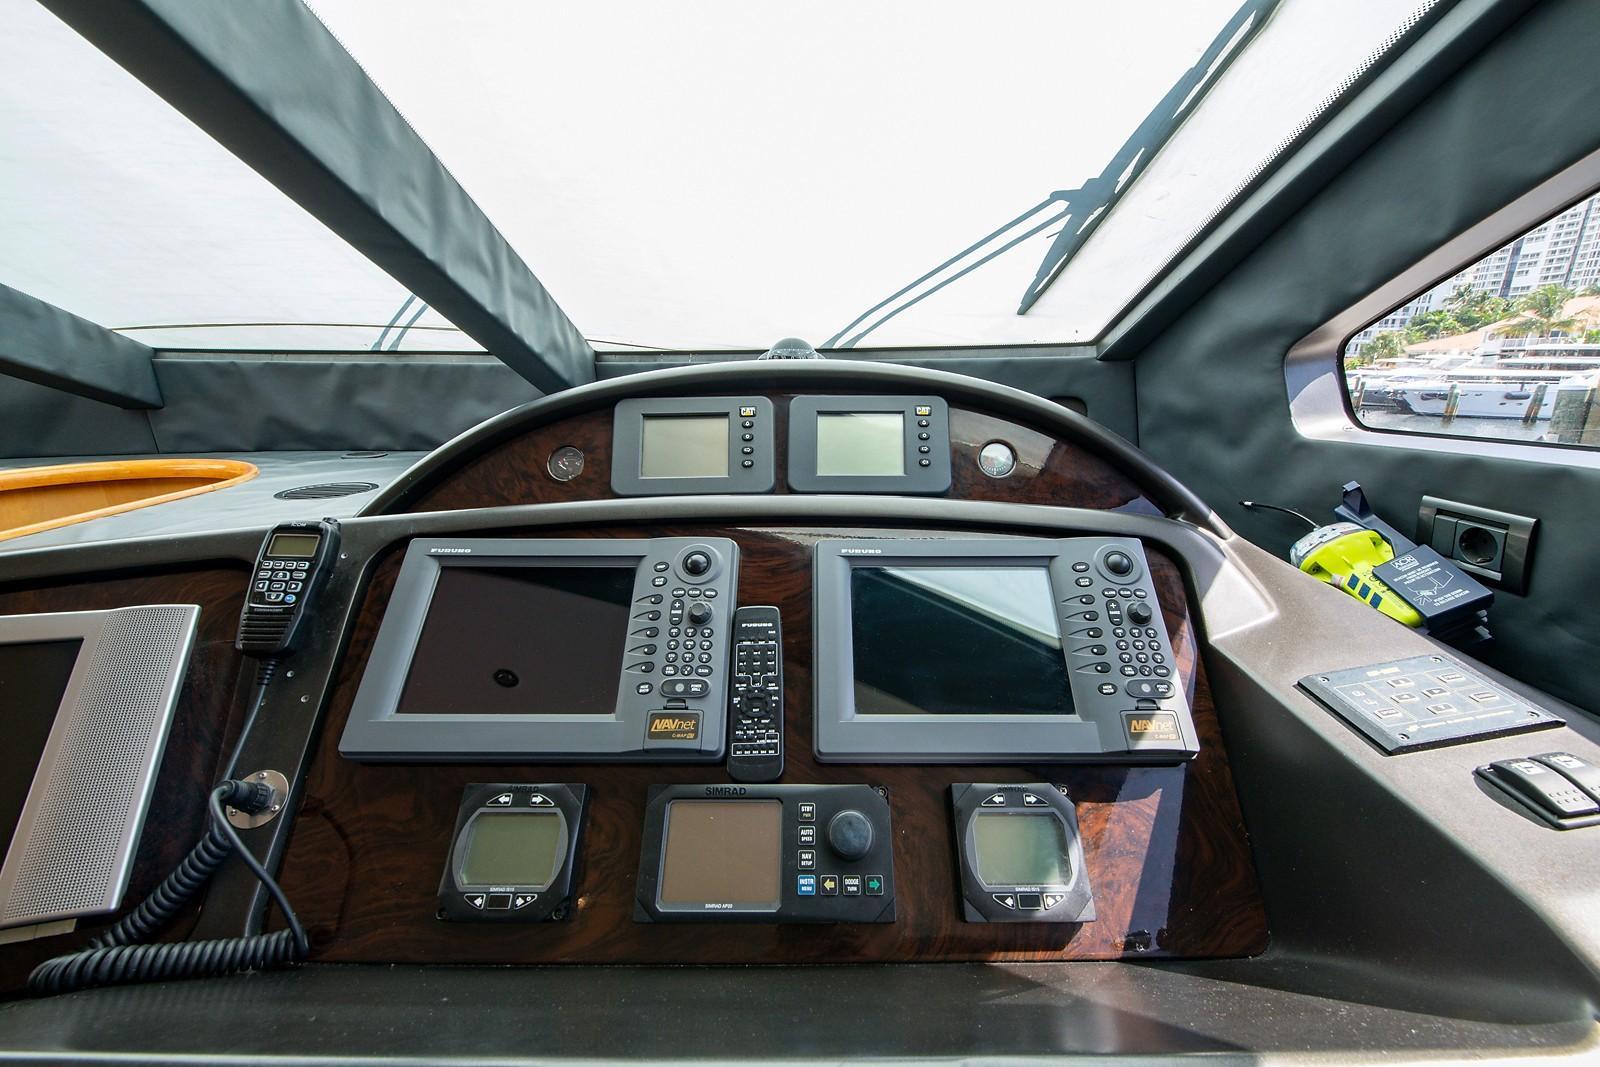 2004 Sunseeker 82 Yacht Moottorivene Vene Myytävänä www